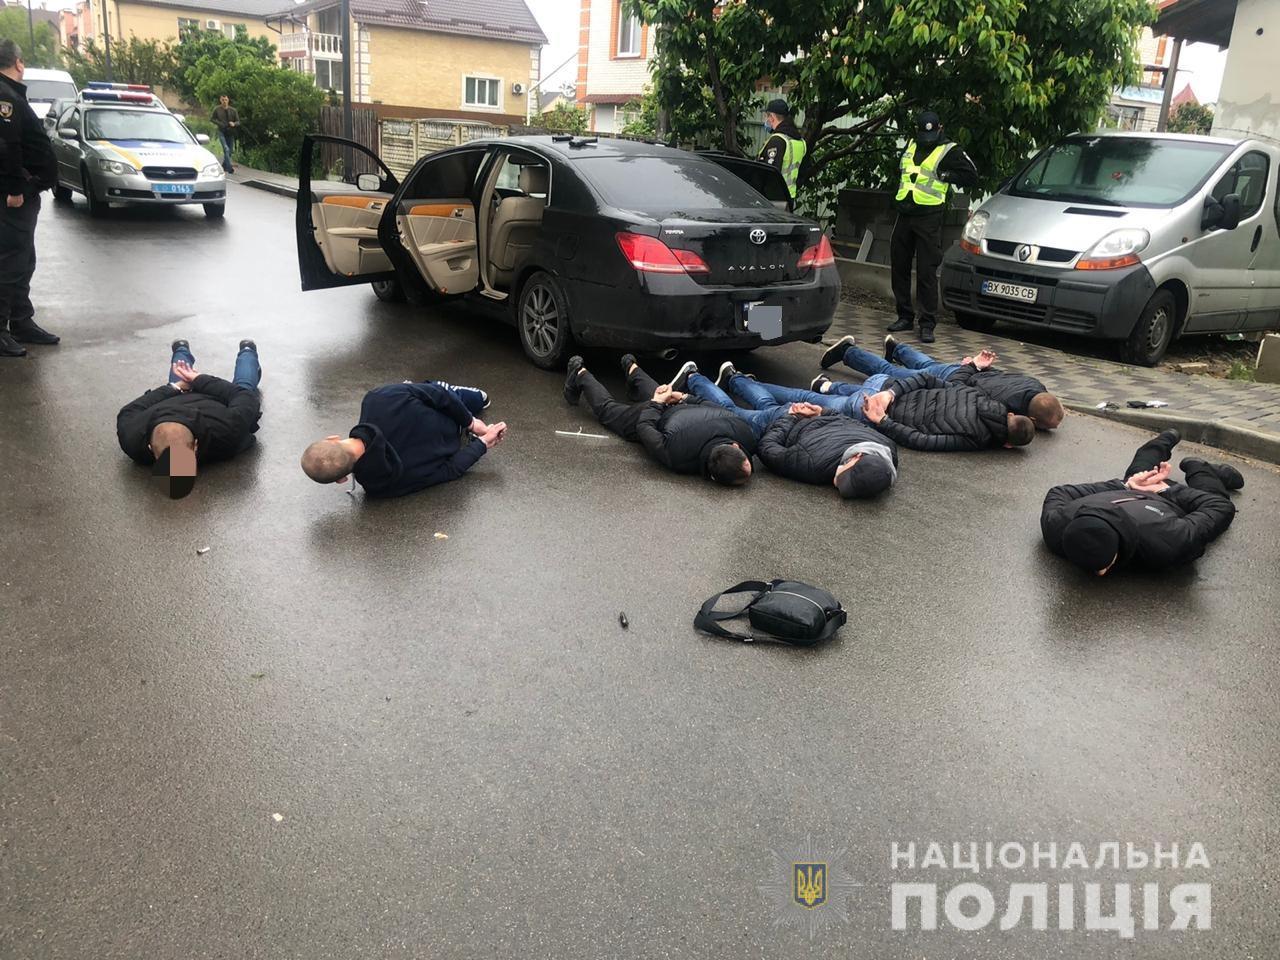 В Броварах произошла перестрелка между перевозчиками: полиция задержала...